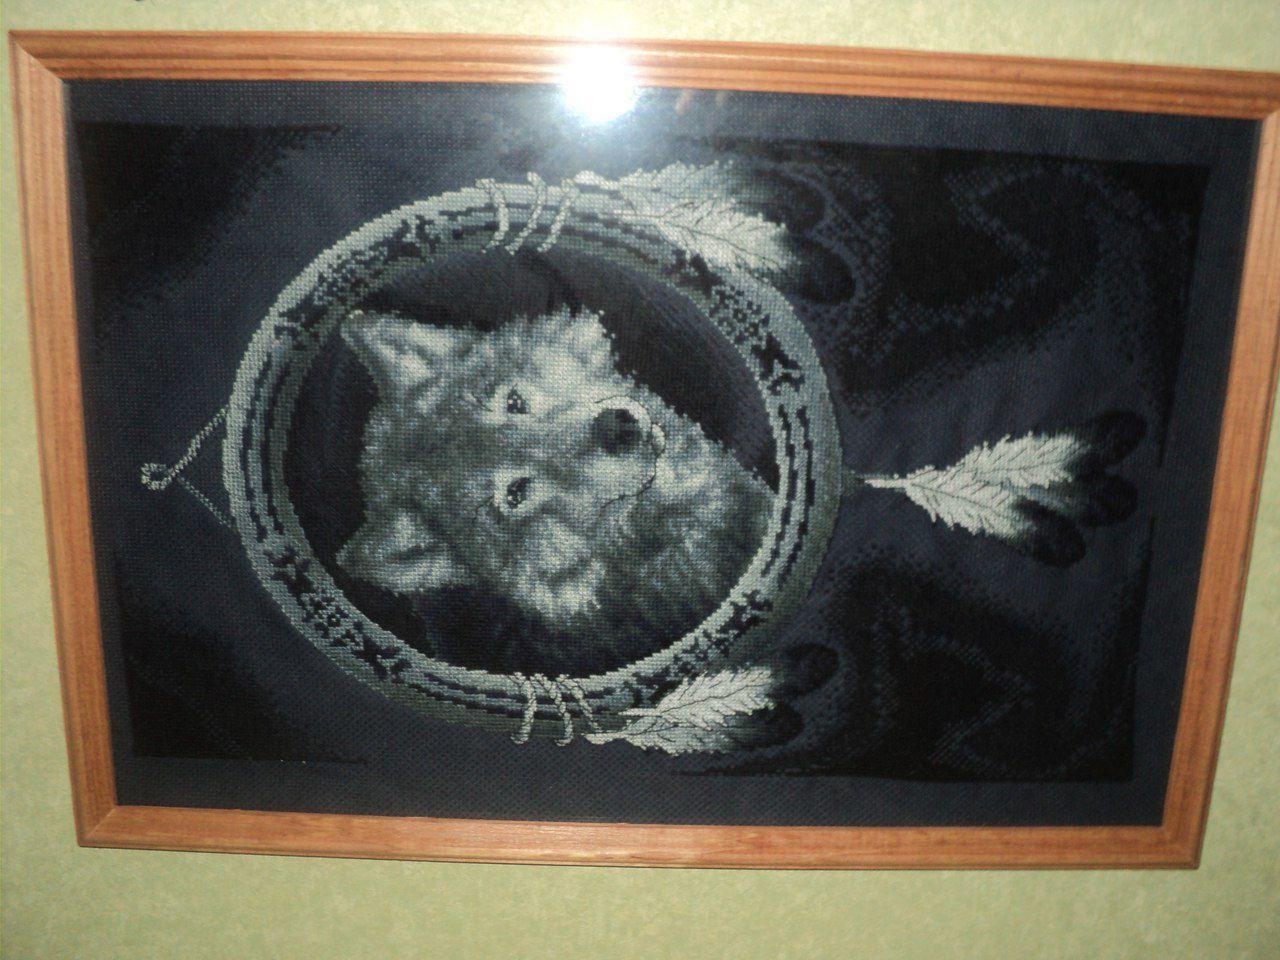 снов крестом вышивка для сны ловушка волки